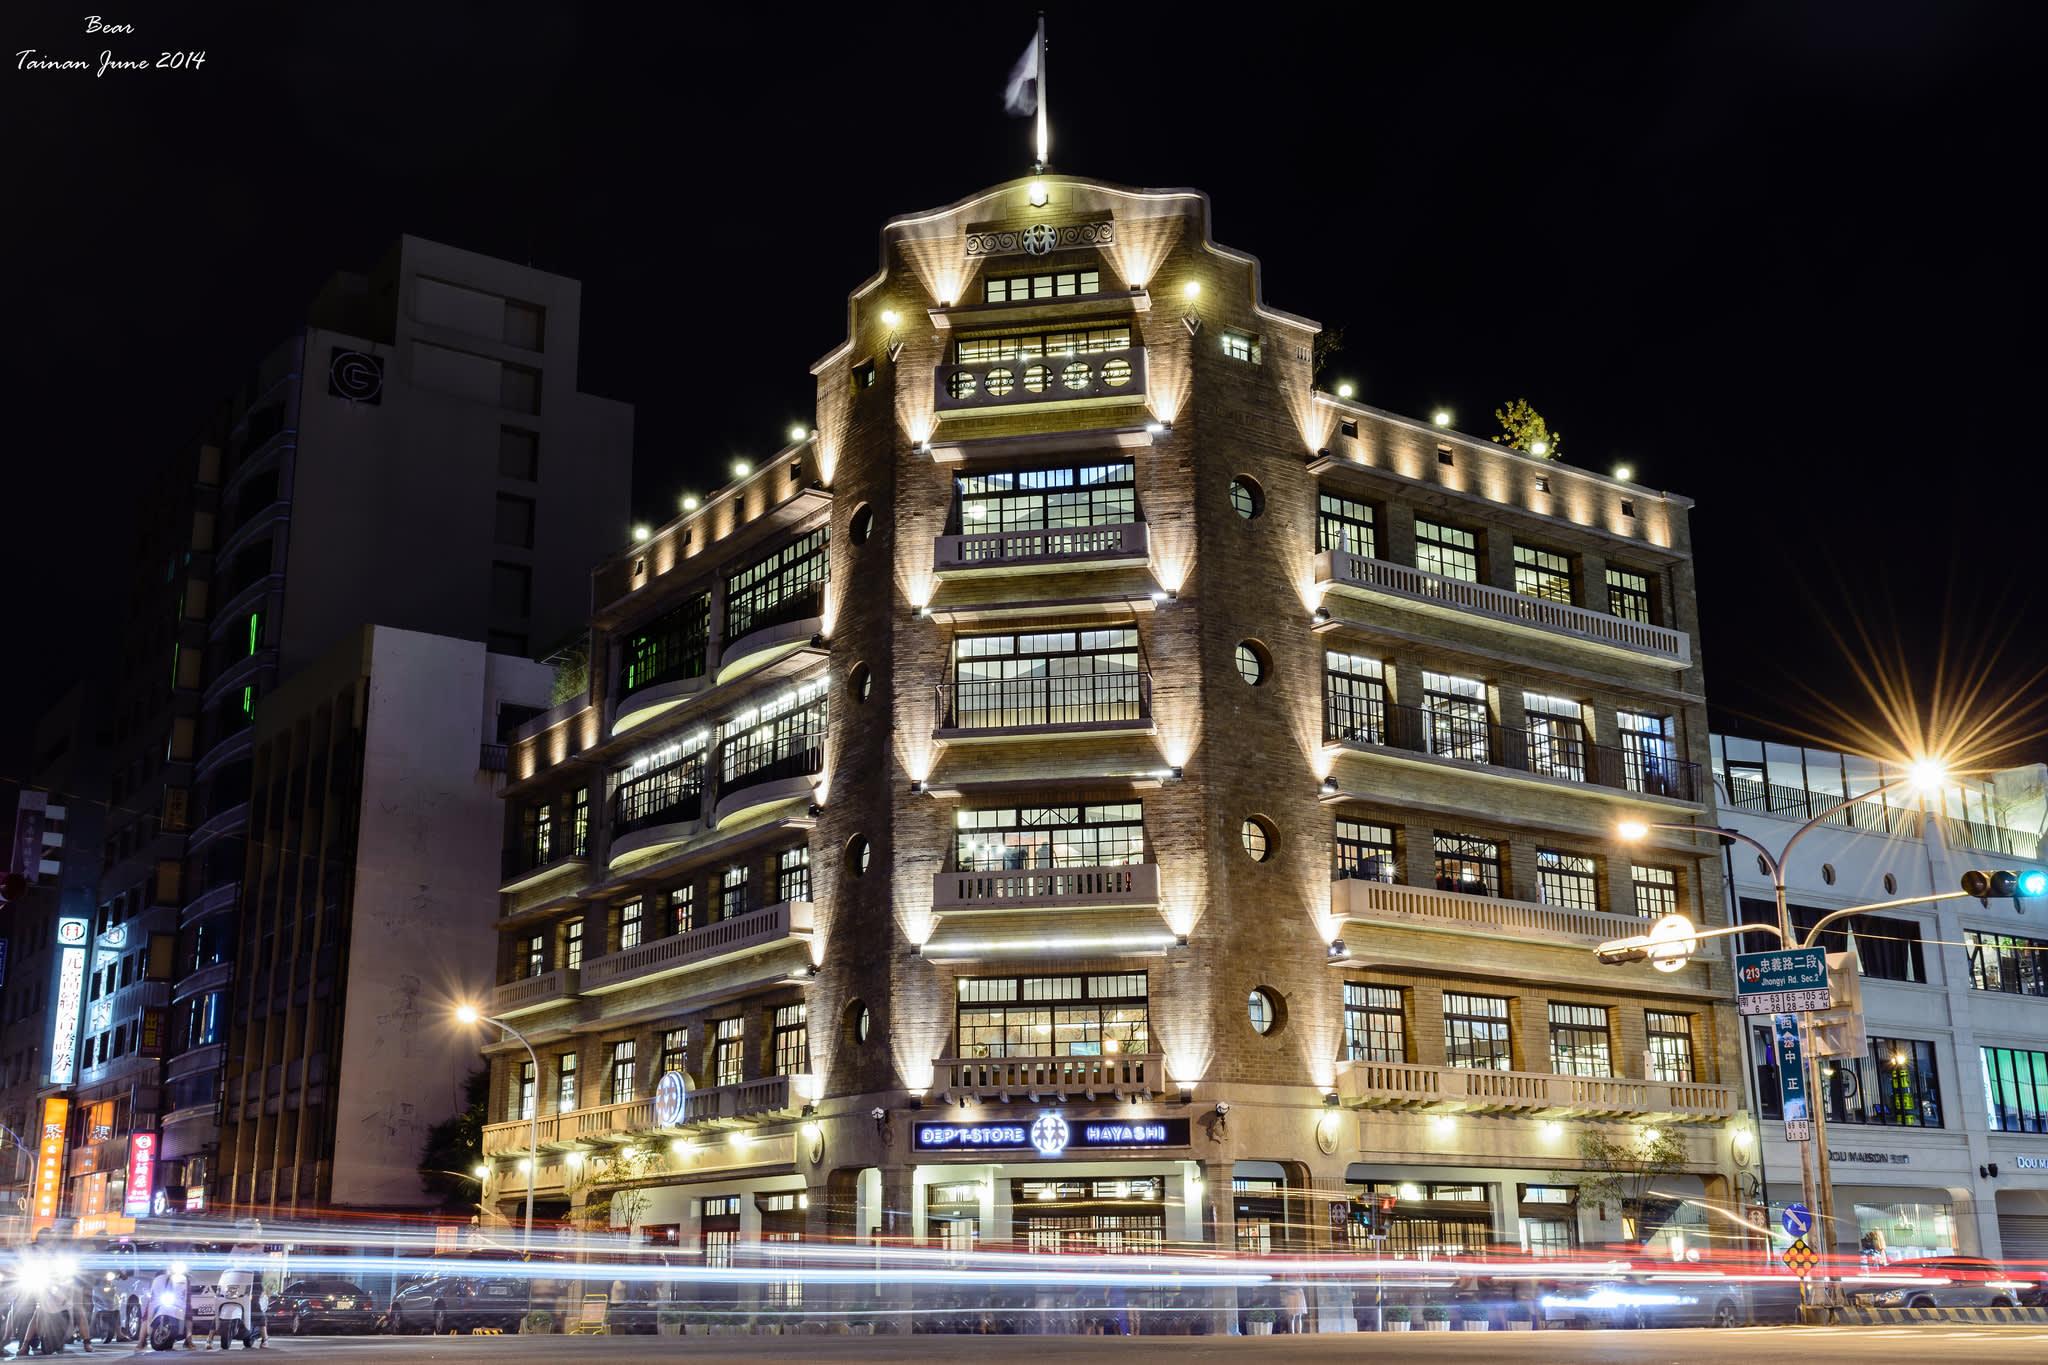 夜晚點亮燈光後,林百貨顯得格外迷人亮眼。(Flickr授權作者-大雄汪)